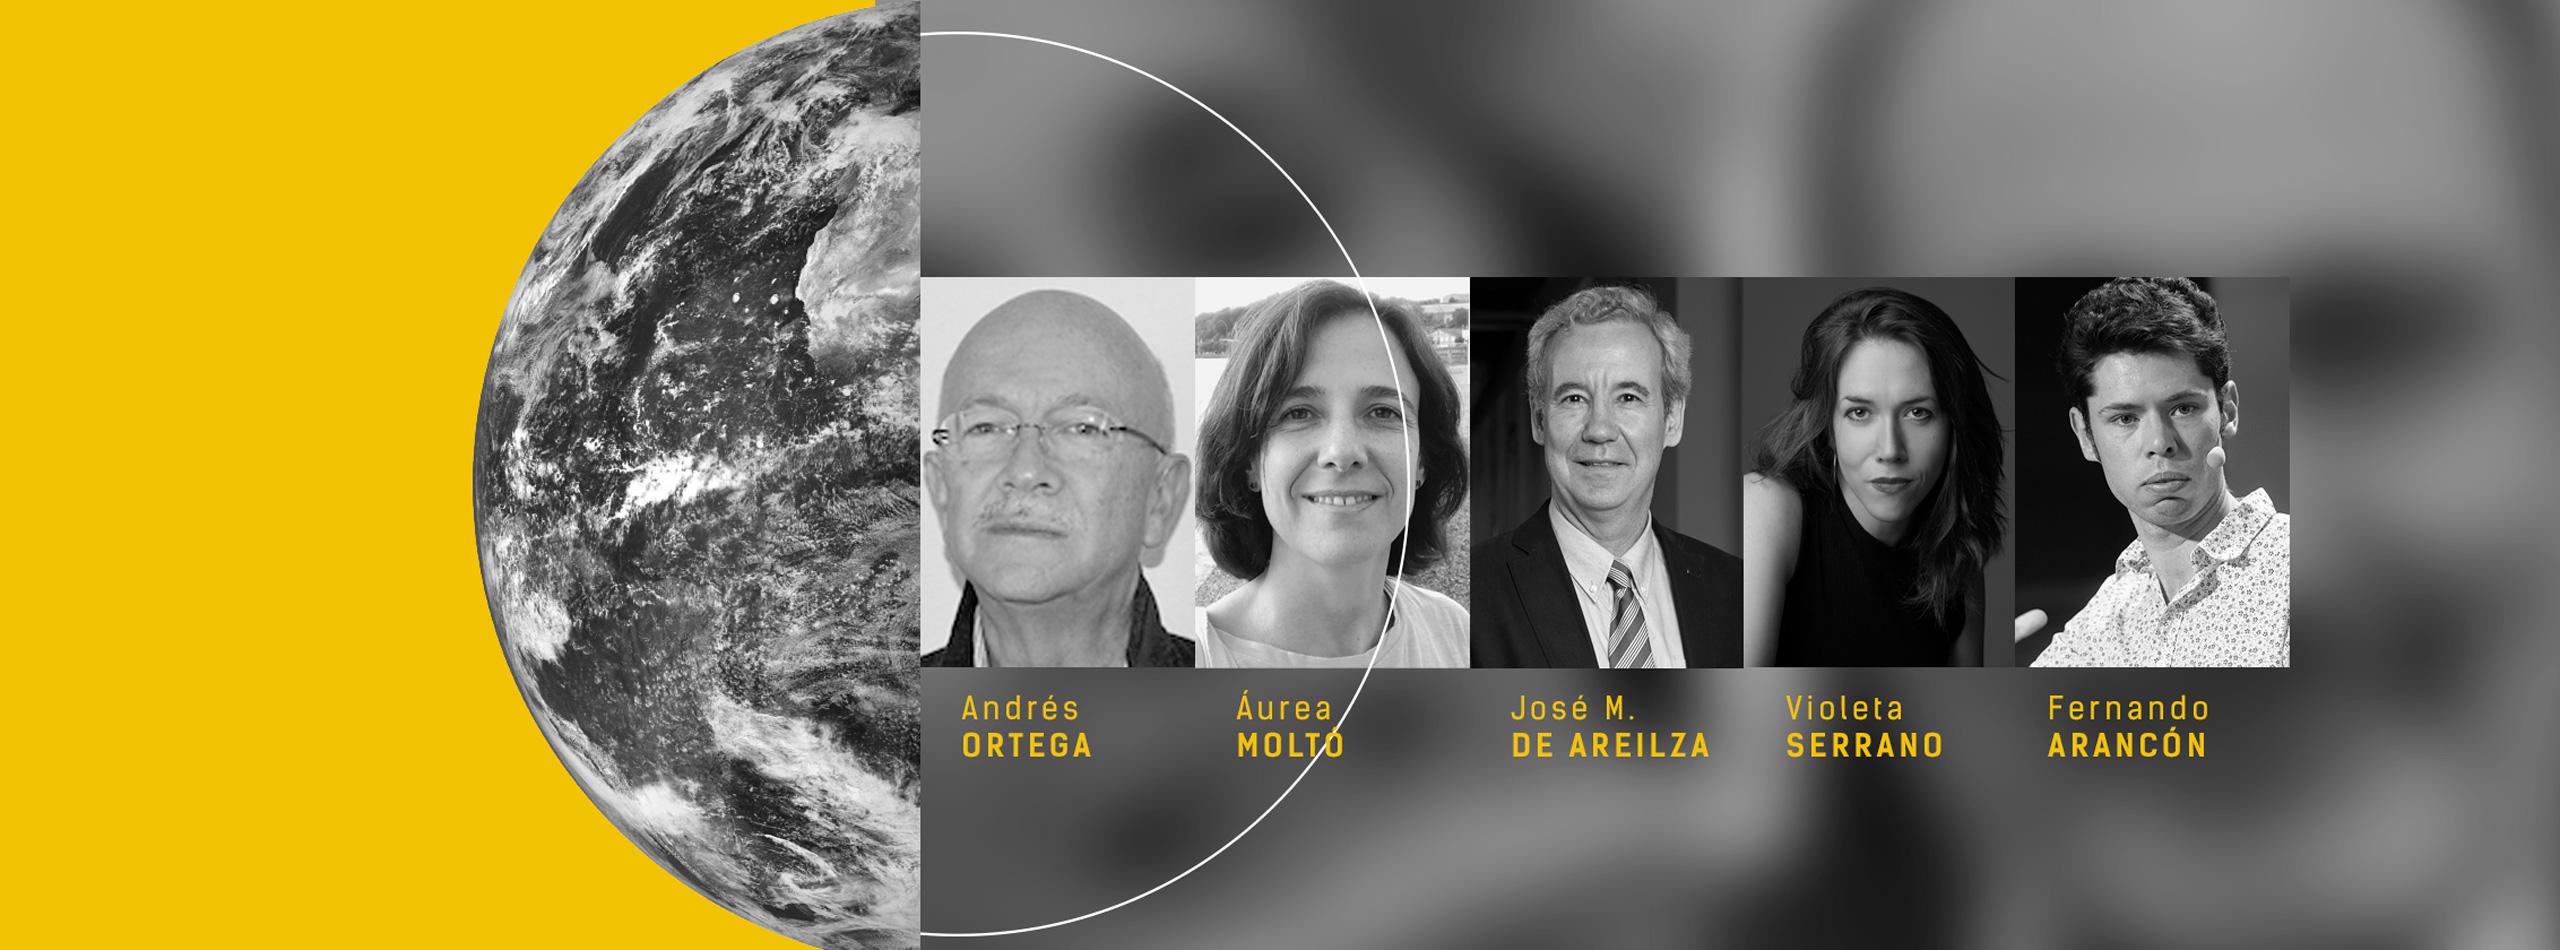 ForoTelos2020: ¿Nuevo orden mundial poscovid? | Fundación ...